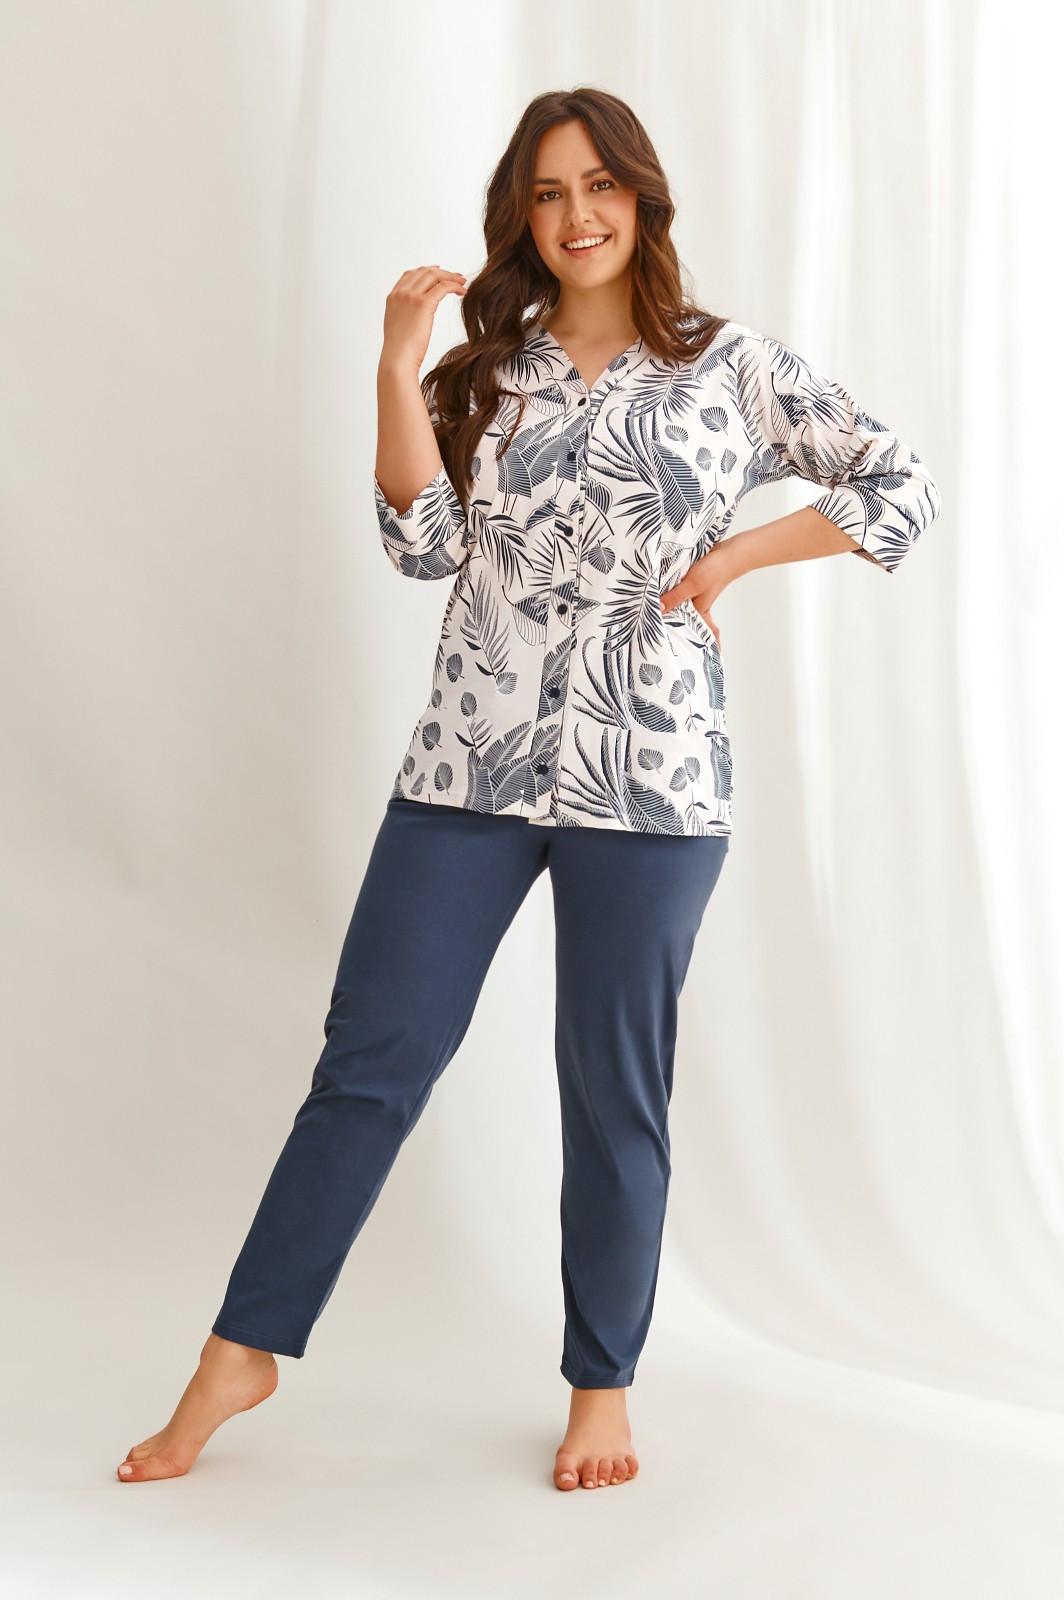 Dámske pyžamo Taro Megan 2613 3/4 2XL-3XL Z'22 beżowy-granatowy xxl